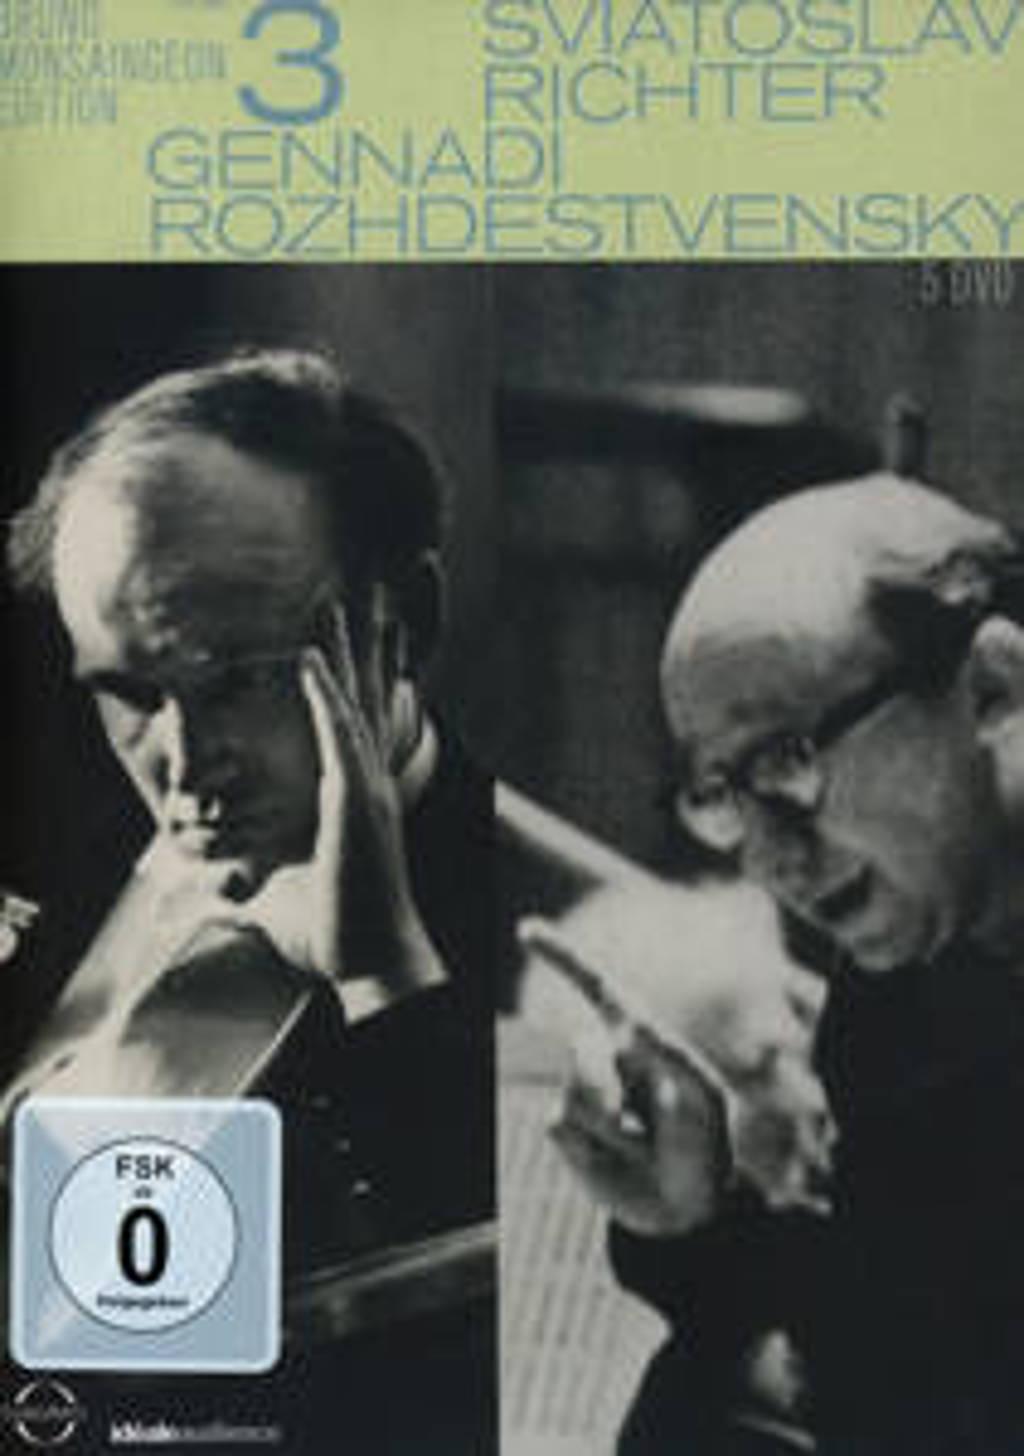 Bruno Monsaingeon - S. Richter - Bruno Monsaingeon Edition Vol (DVD)